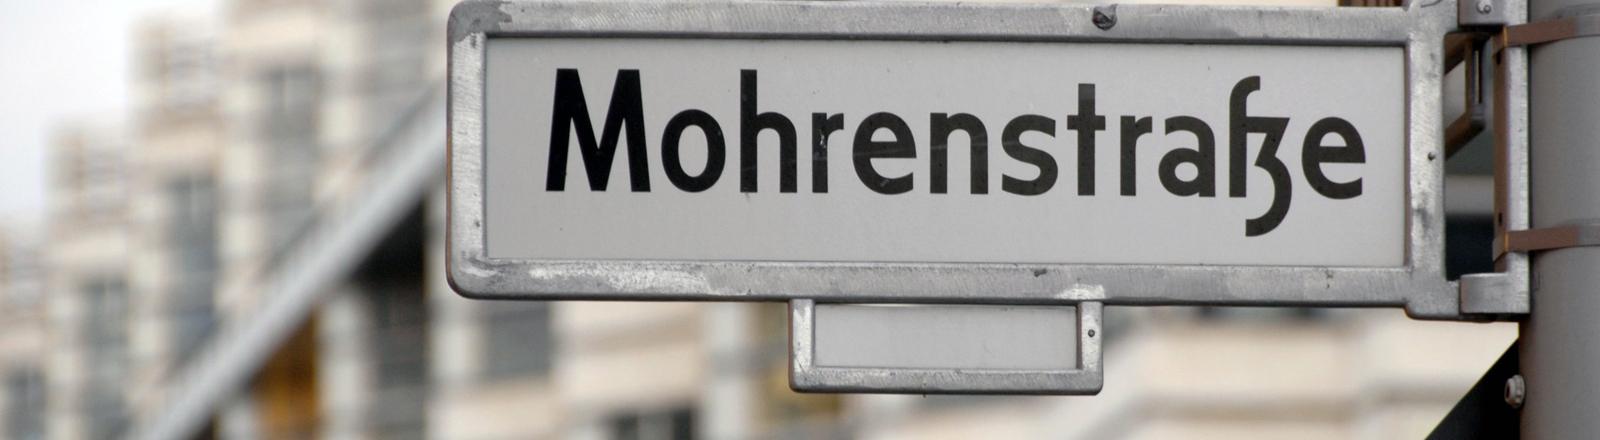 Straßenschjld der Mohrenstraße